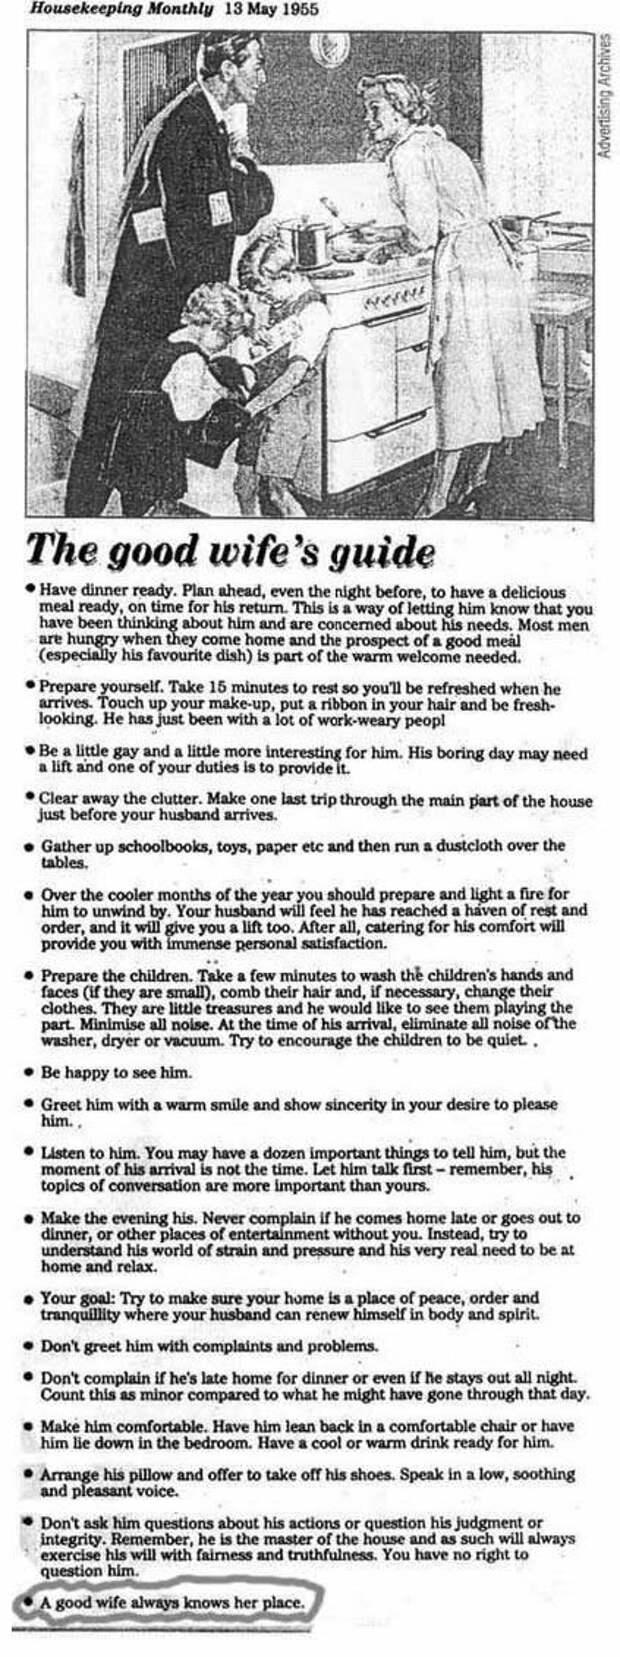 Старинные советы о сексе, семье и воспитании